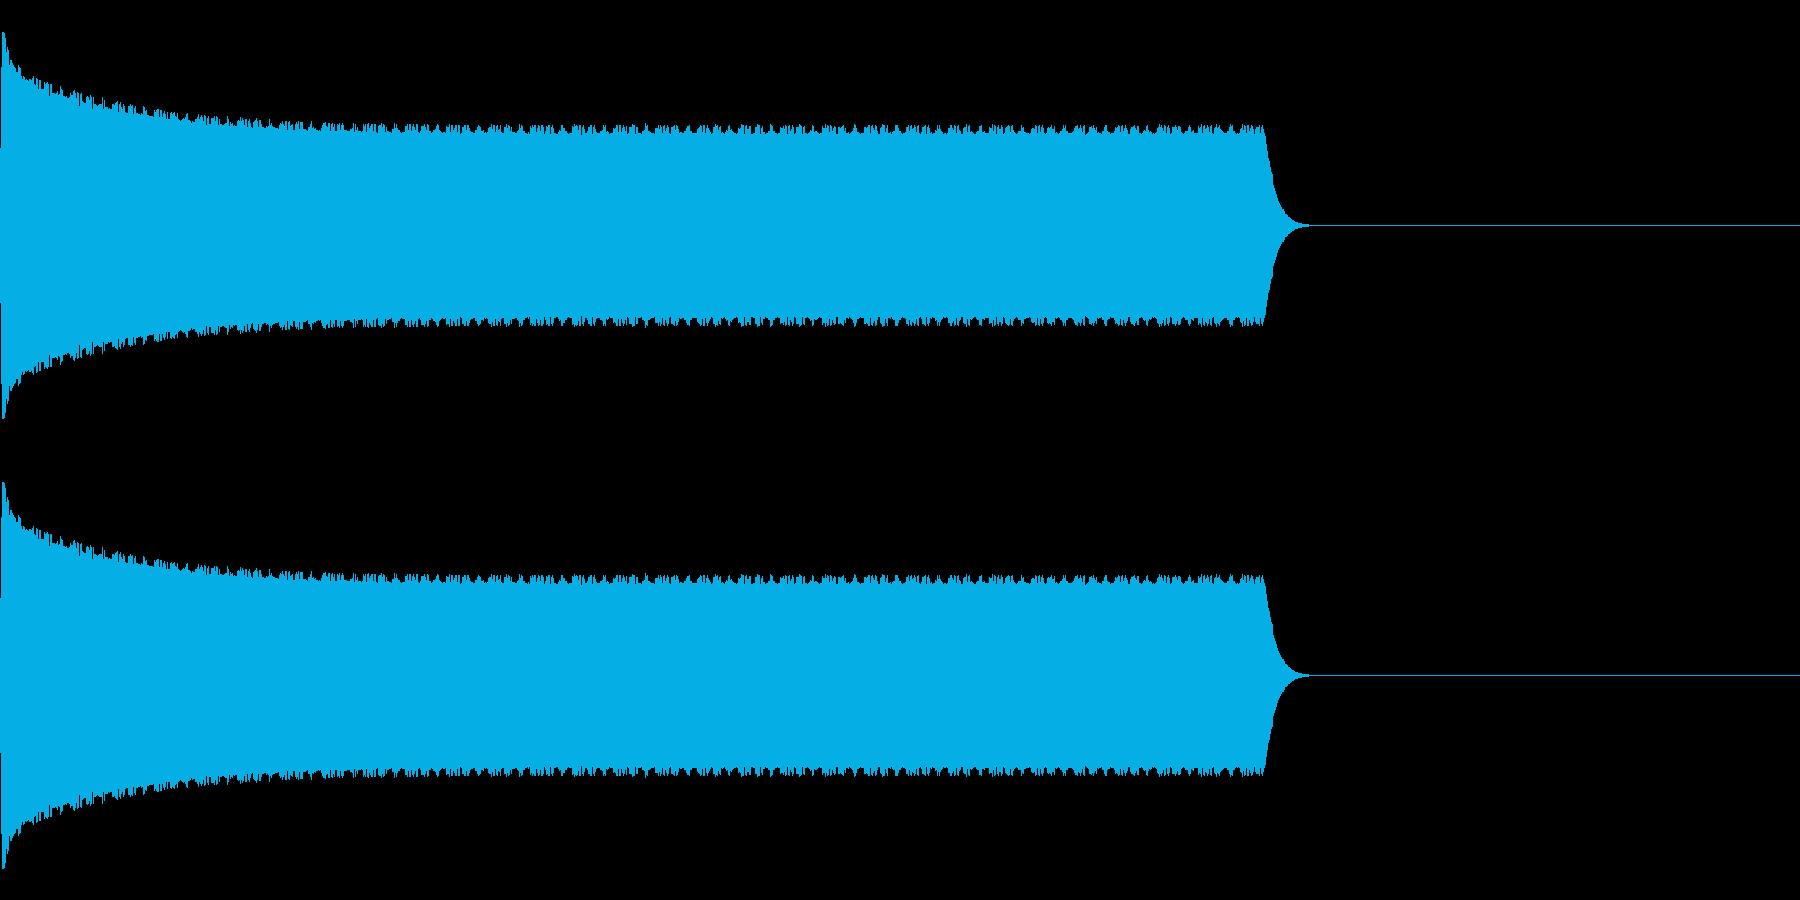 ピピピピピピ…防犯アラームの音の再生済みの波形